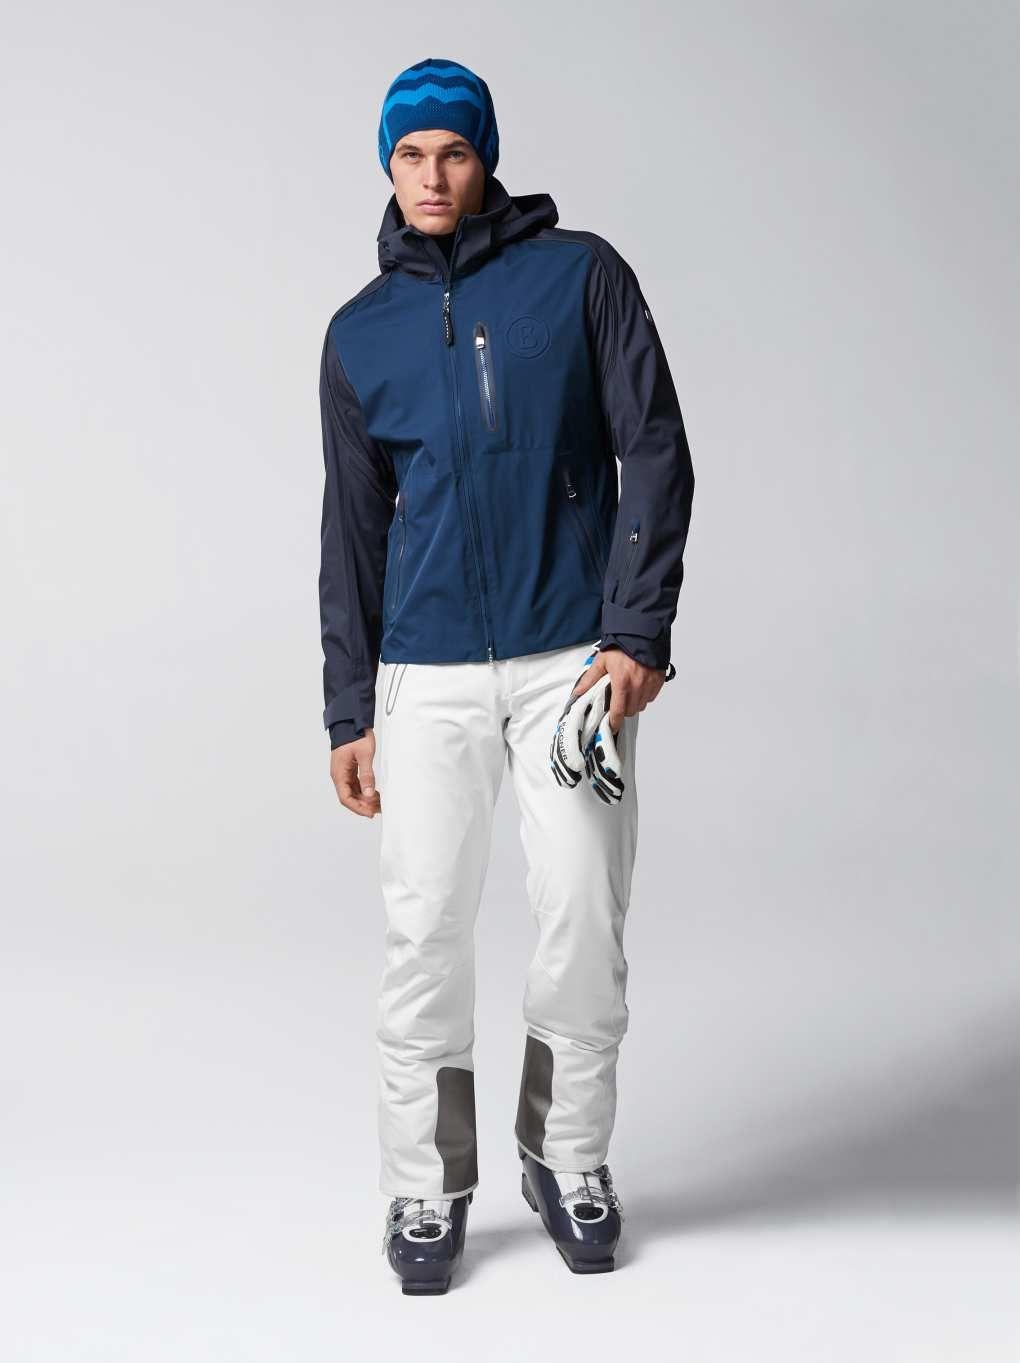 46992c4f32 Bogner Men Paolo T 3L Ski Jacket - Navy